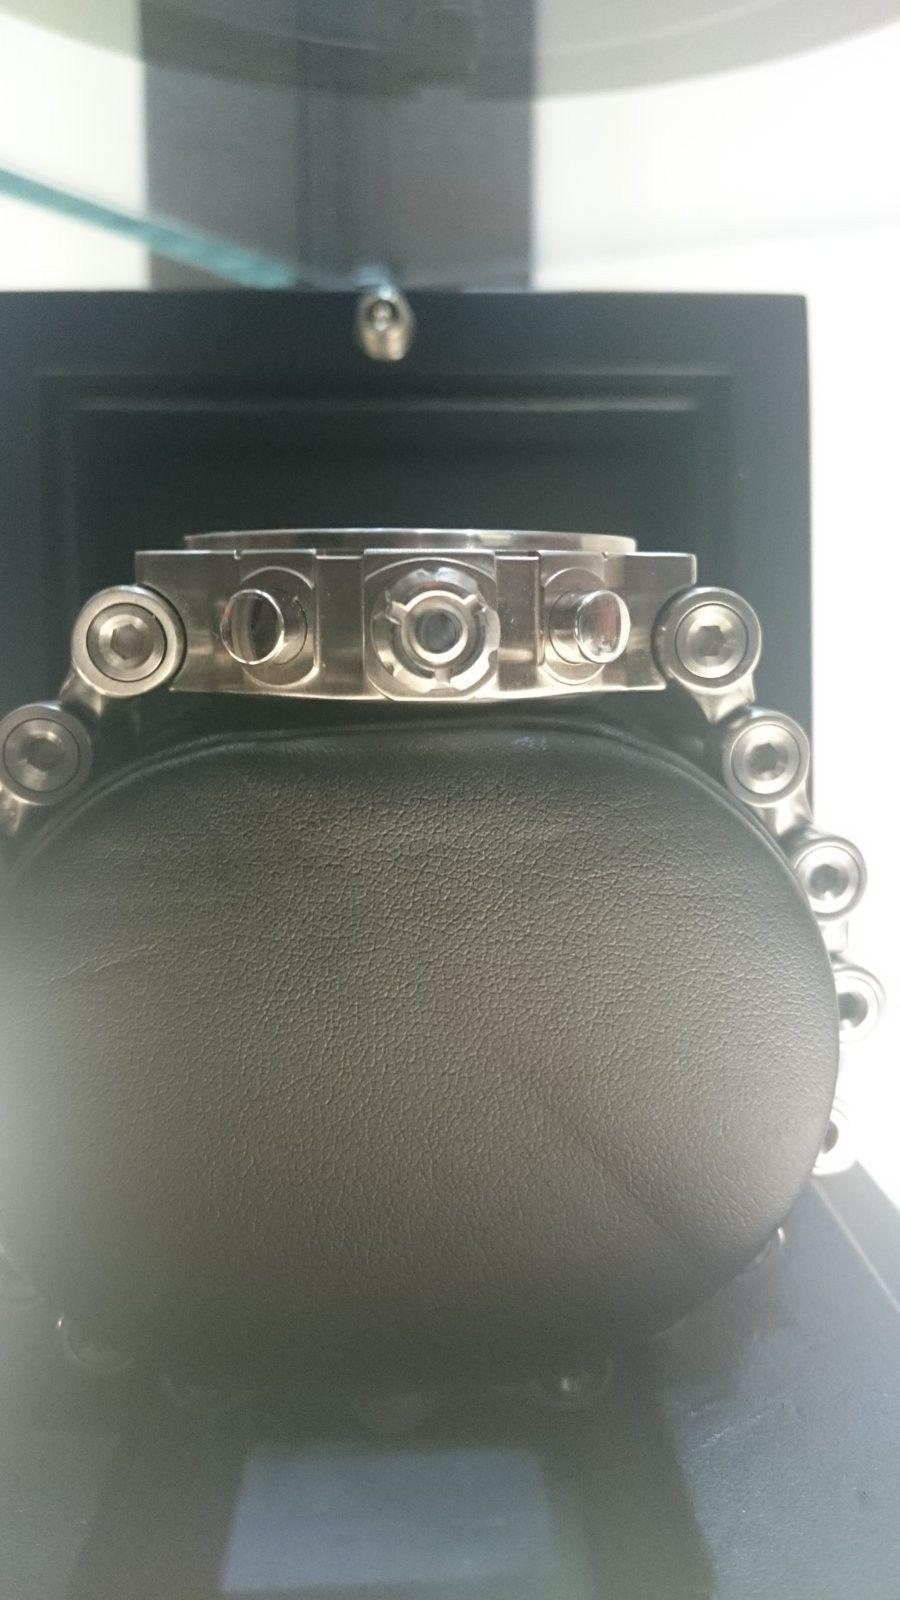 White face Hollowpoint watch - DSC_0943.JPG